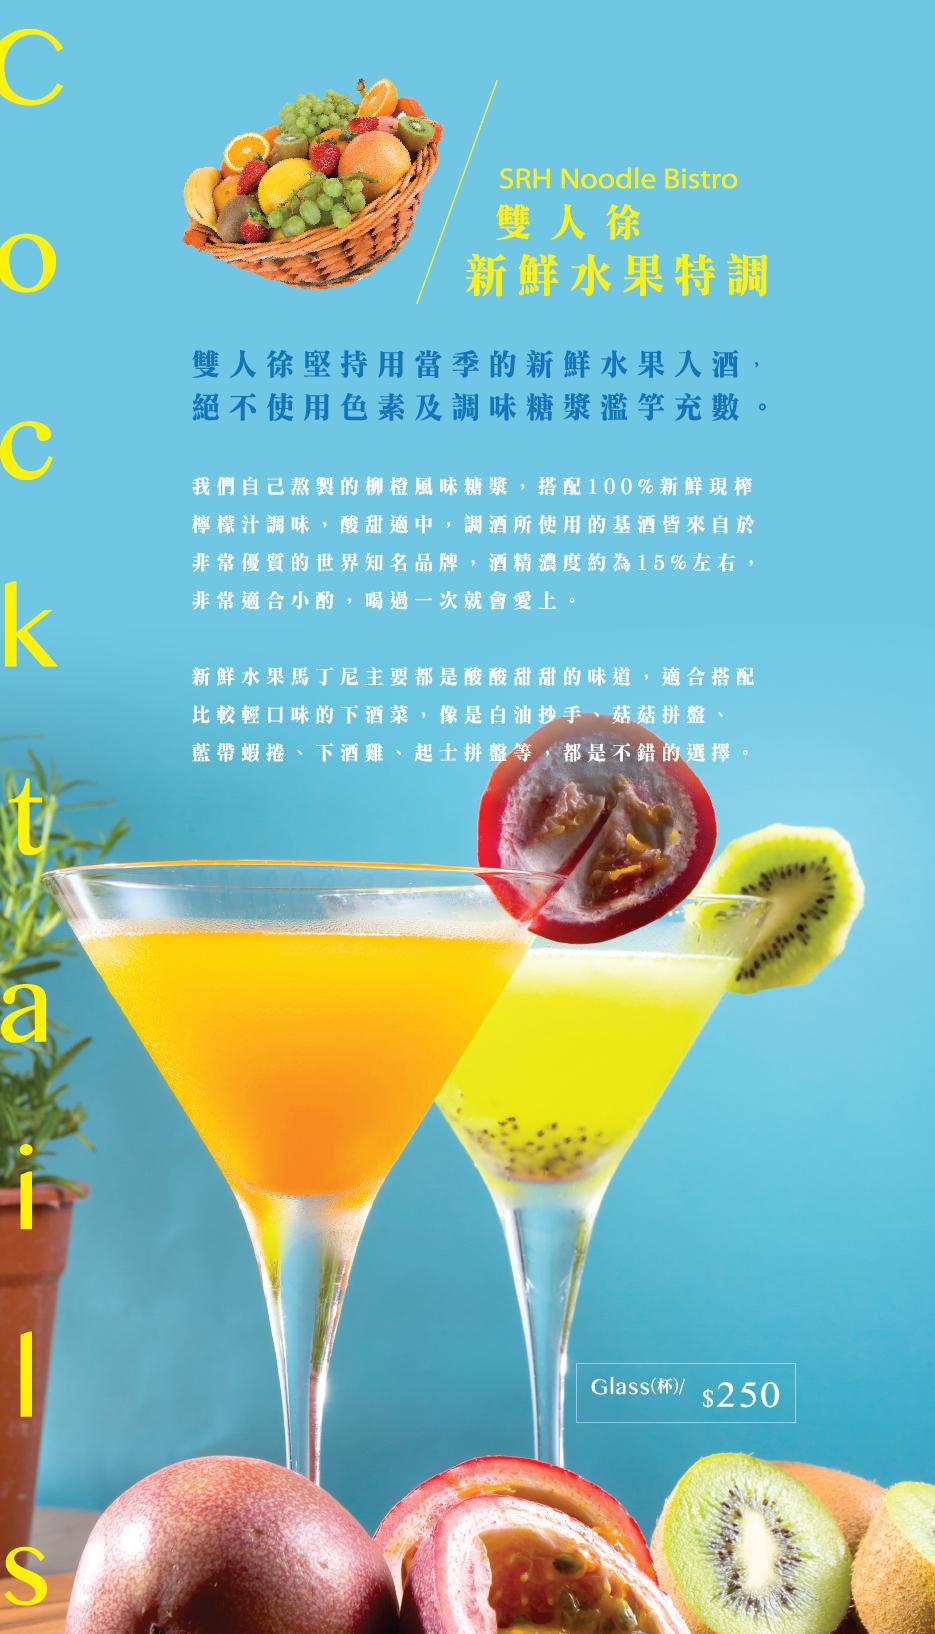 SRH new menu_酒水I_OL-11.png